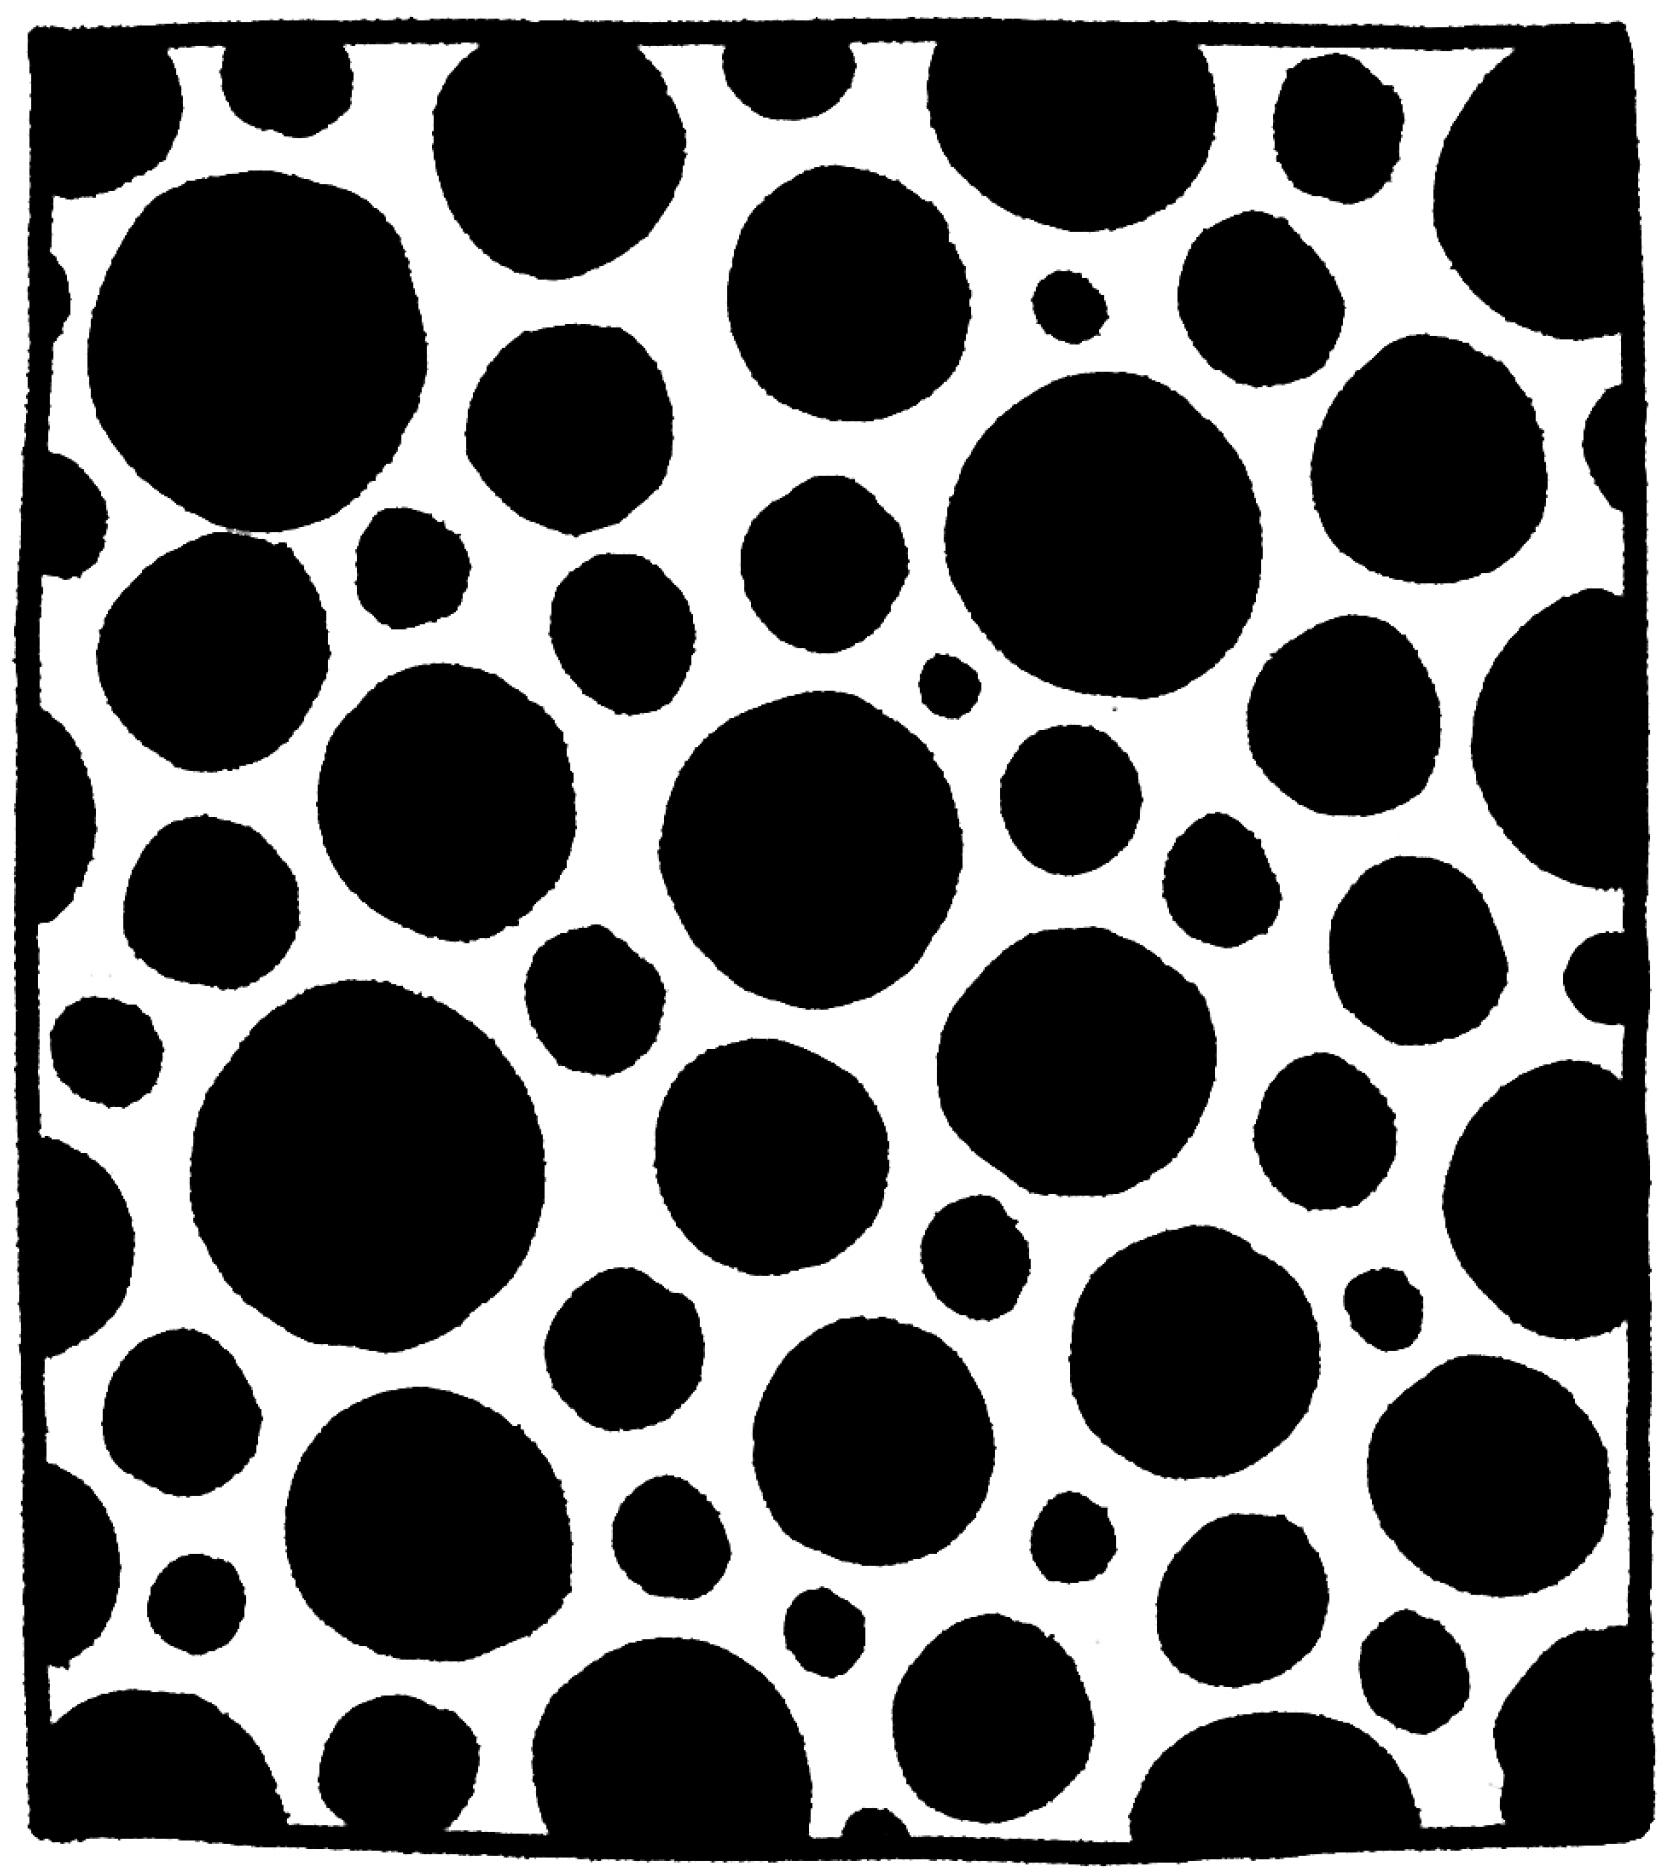 Valencia_patterns5.jpg